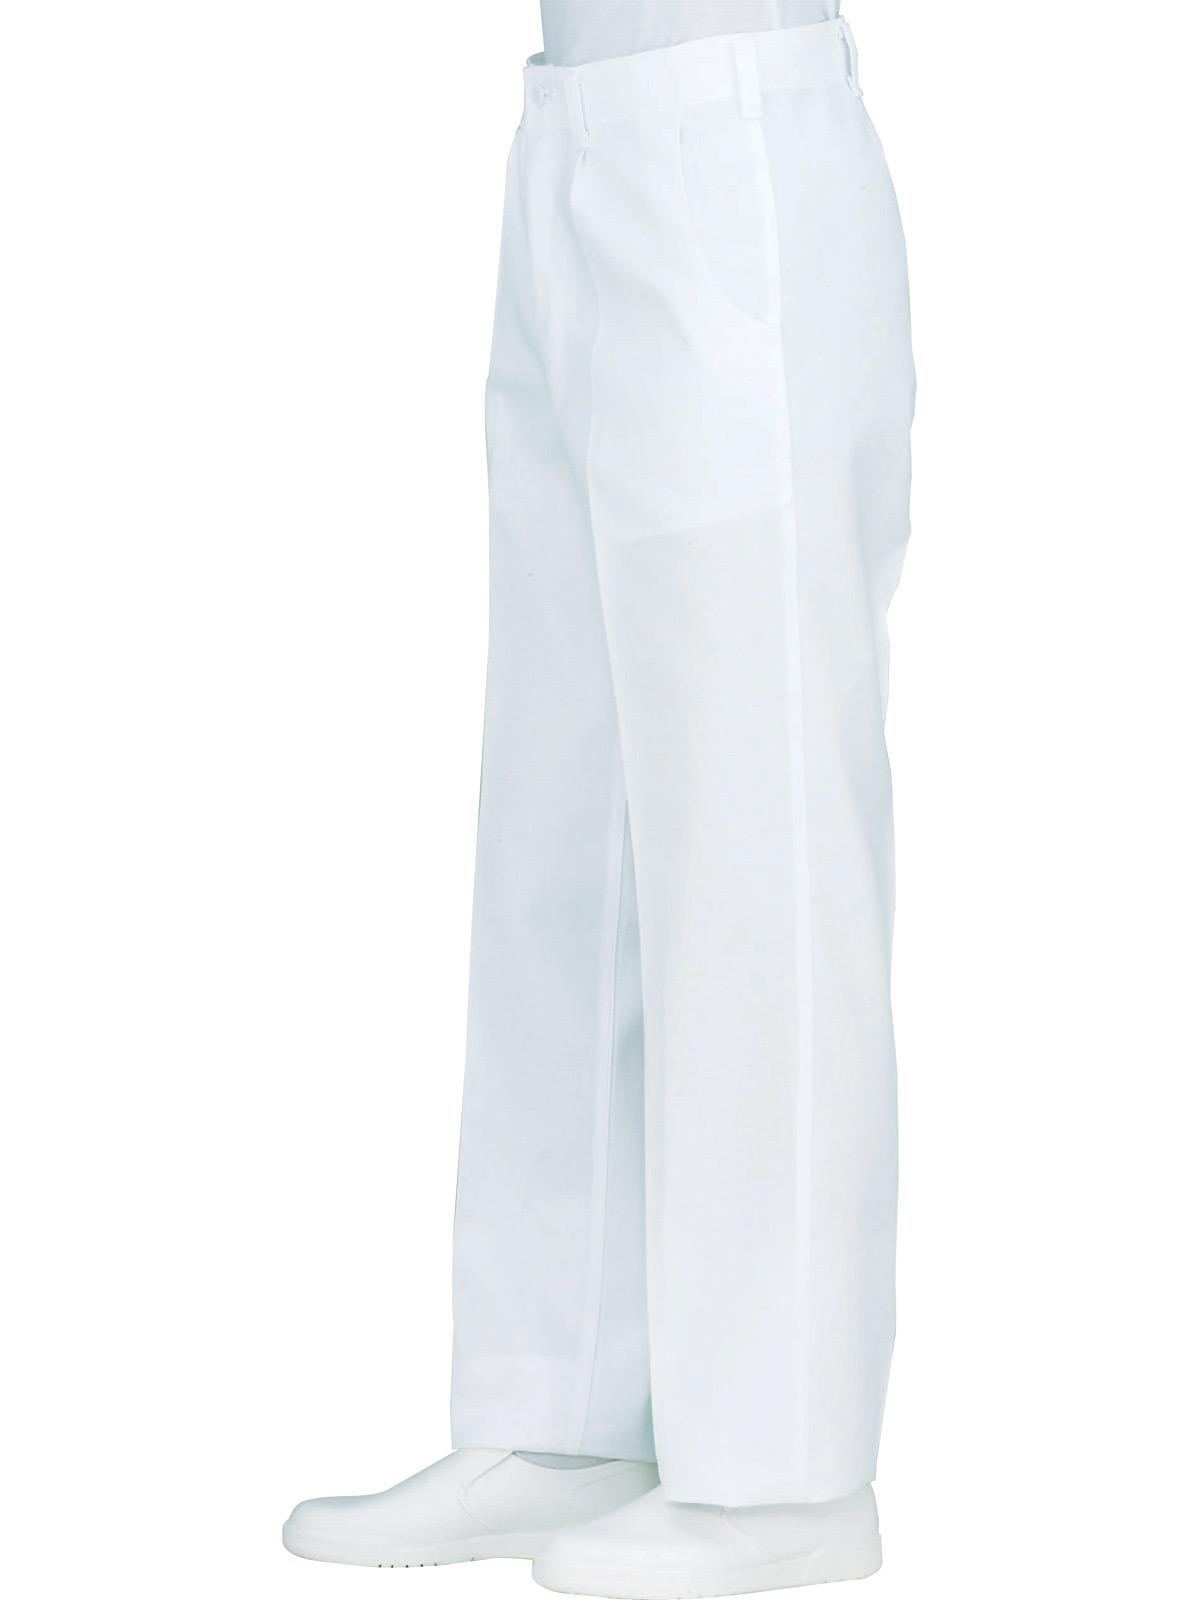 男子パンツ SKC431